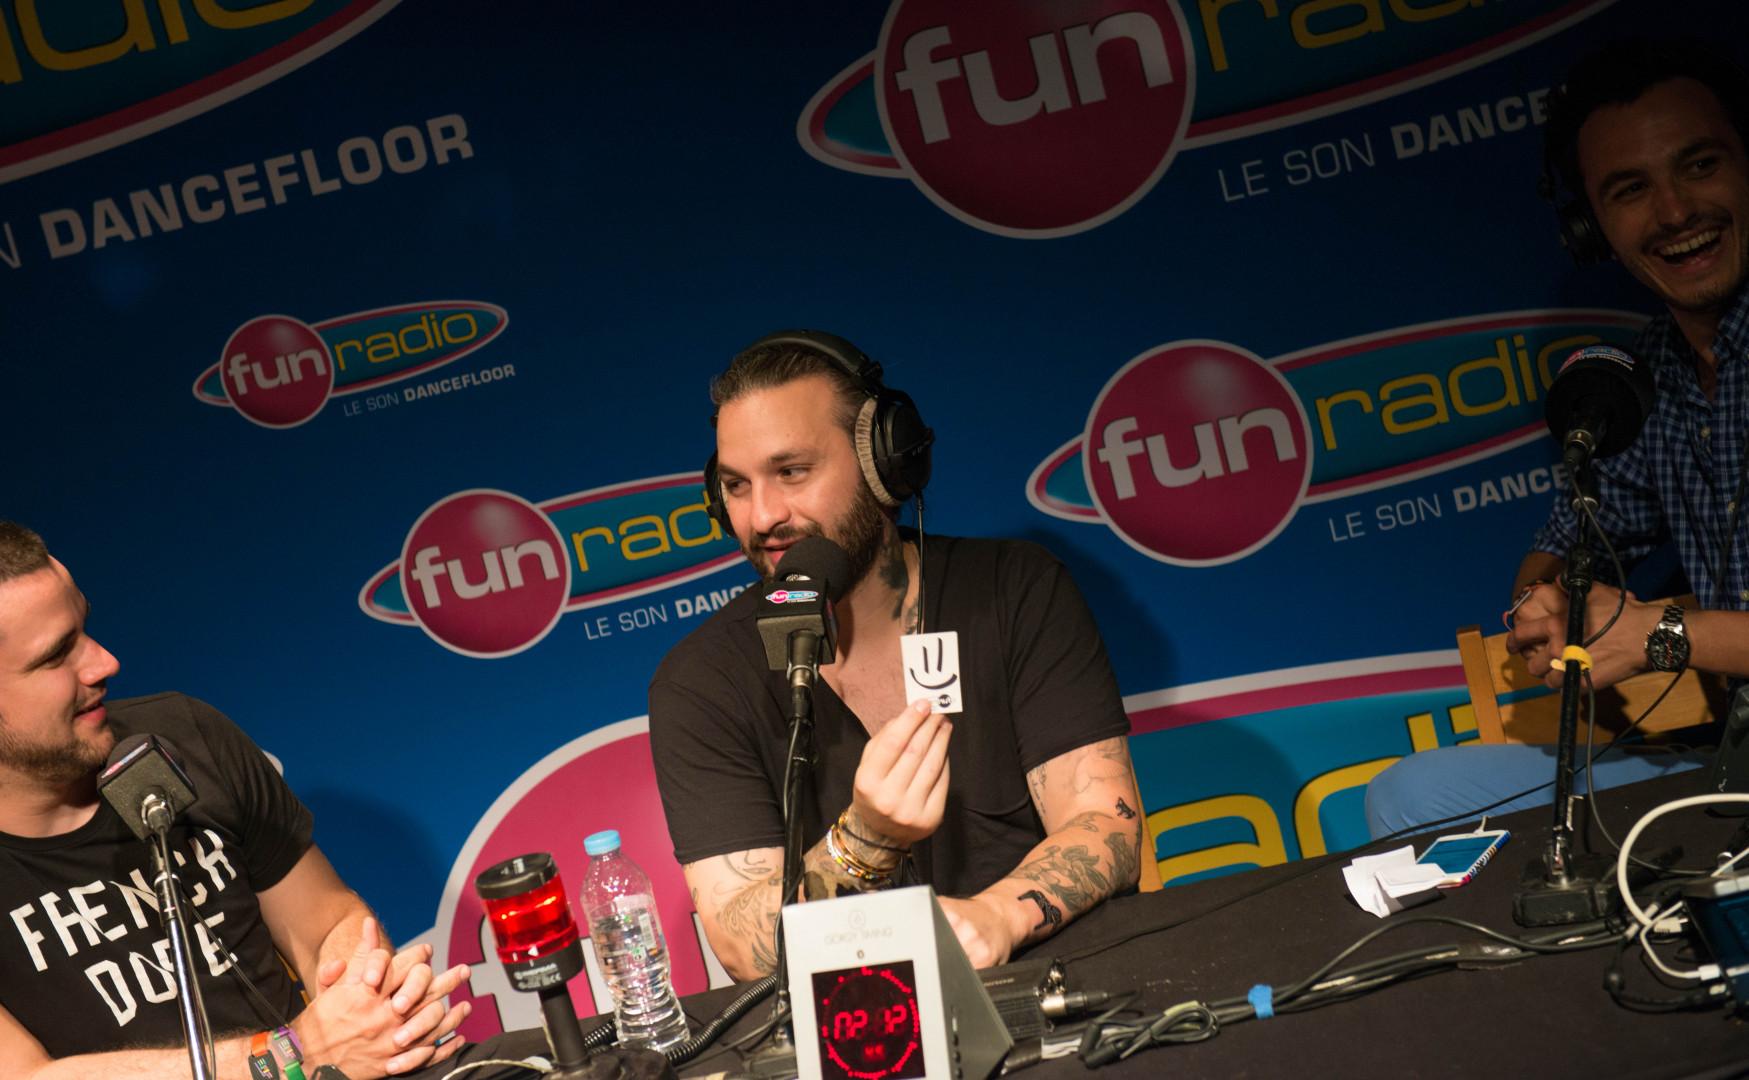 Pour compléter la collection de tatouages de Steve Angello, JB lui a offert un tatouage Fun Radio !